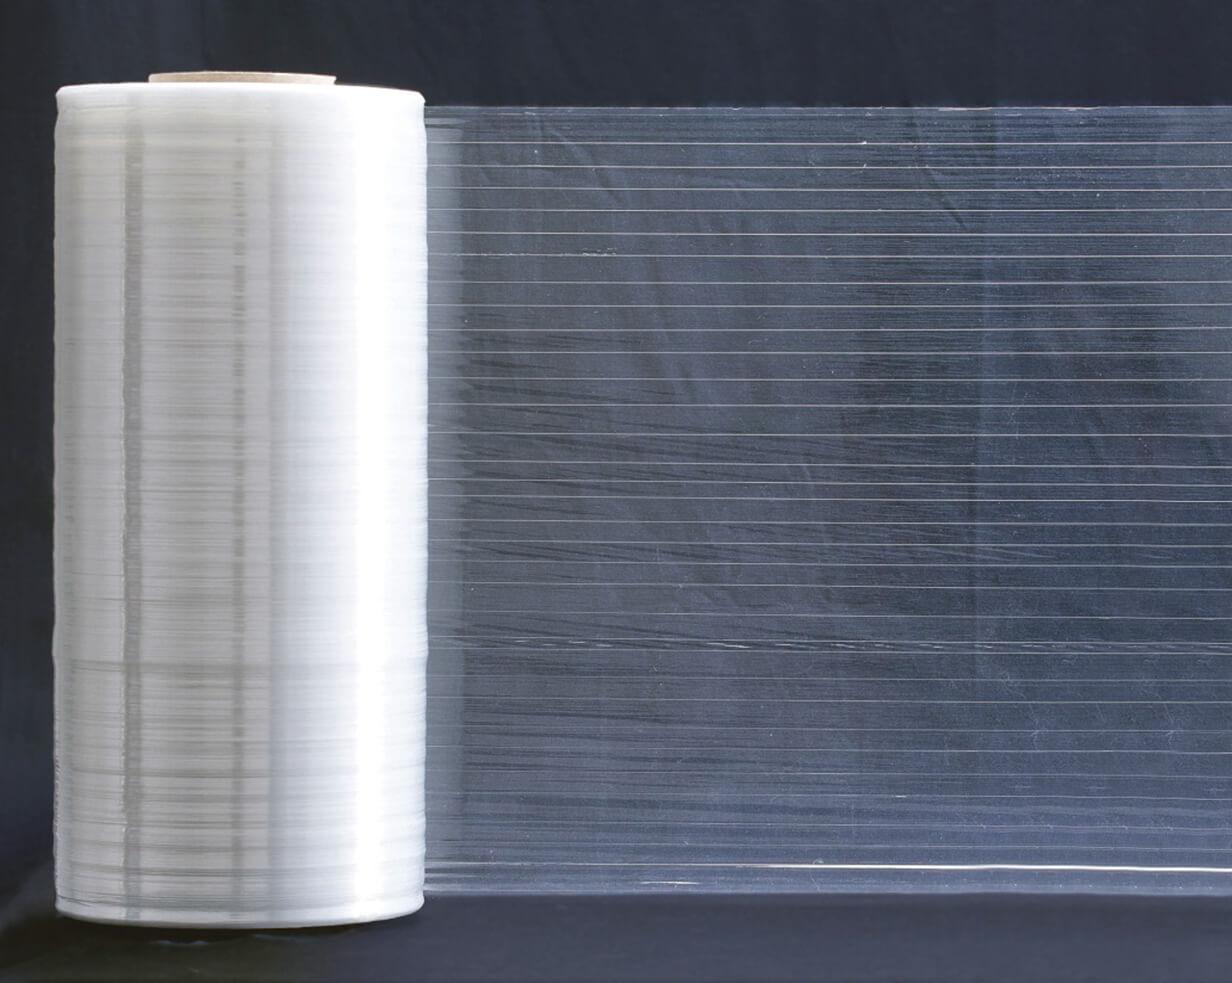 """Machine Stretch Fibre Film - 20"""" x 5250' (46 rolls/skid)"""